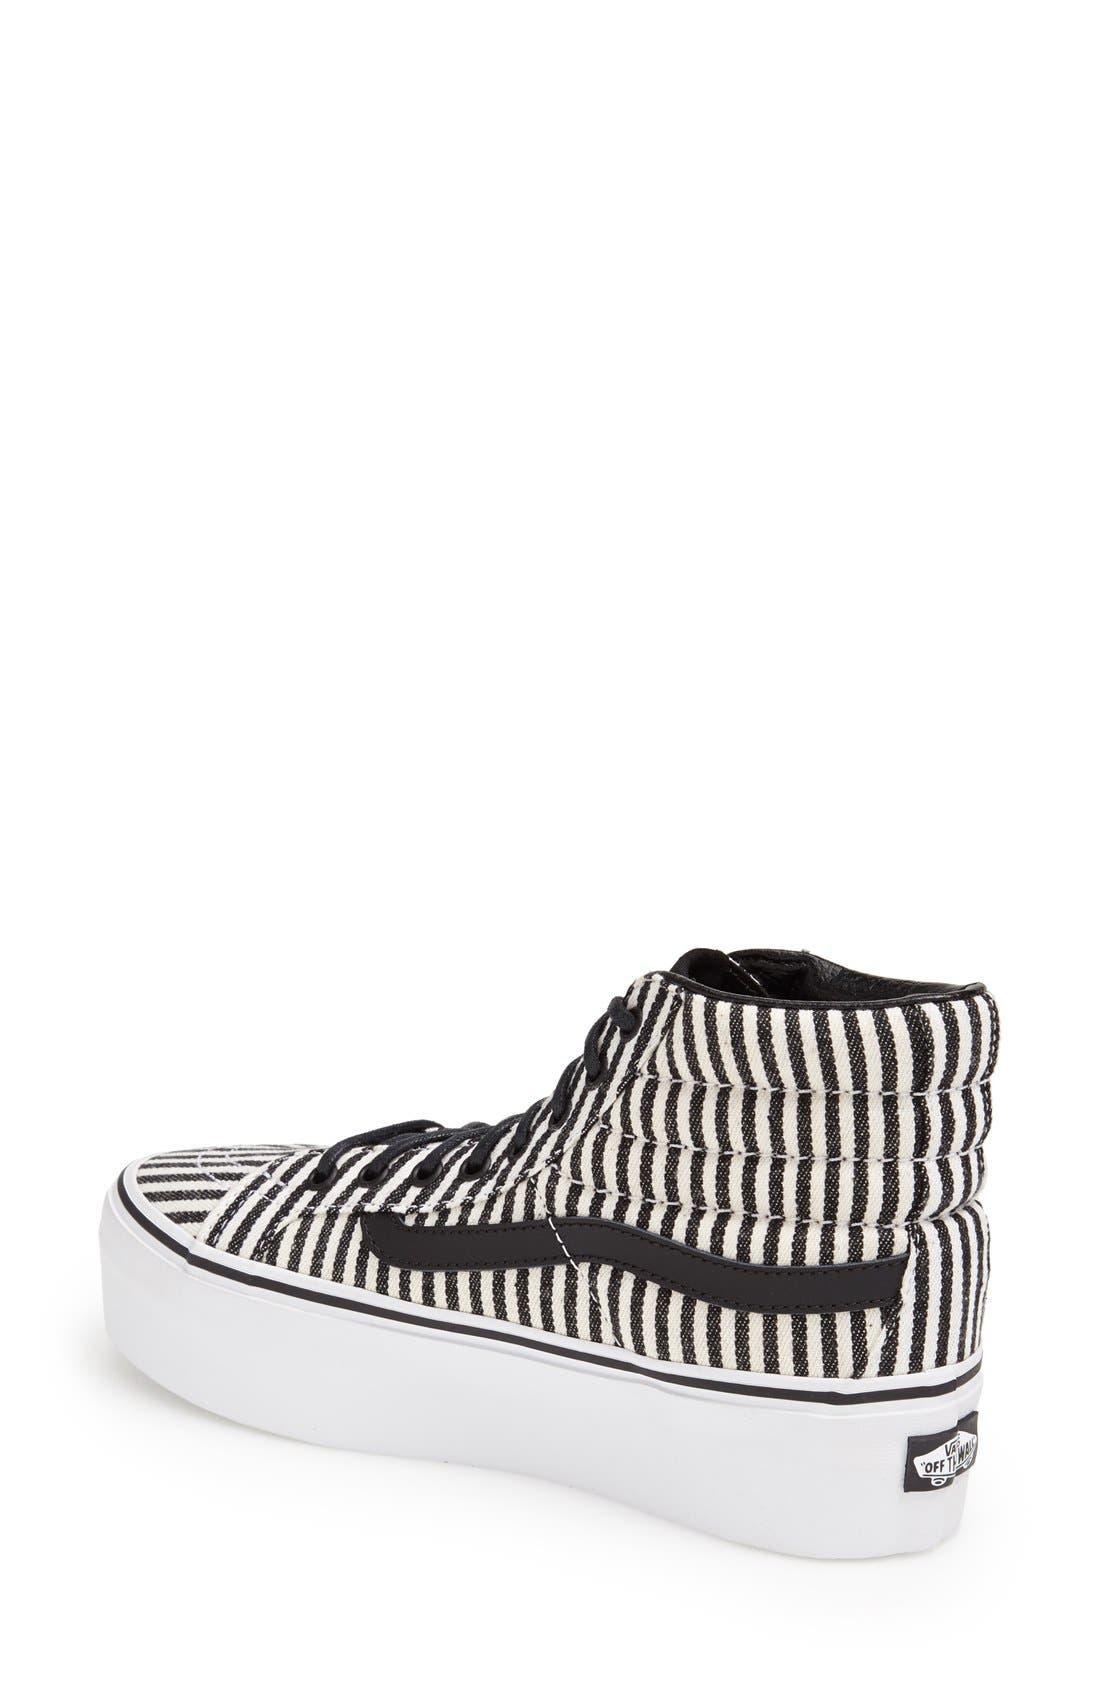 Alternate Image 2  - Vans 'Hickory Stripes Sk8-Hi Platform' Sneaker (Women)